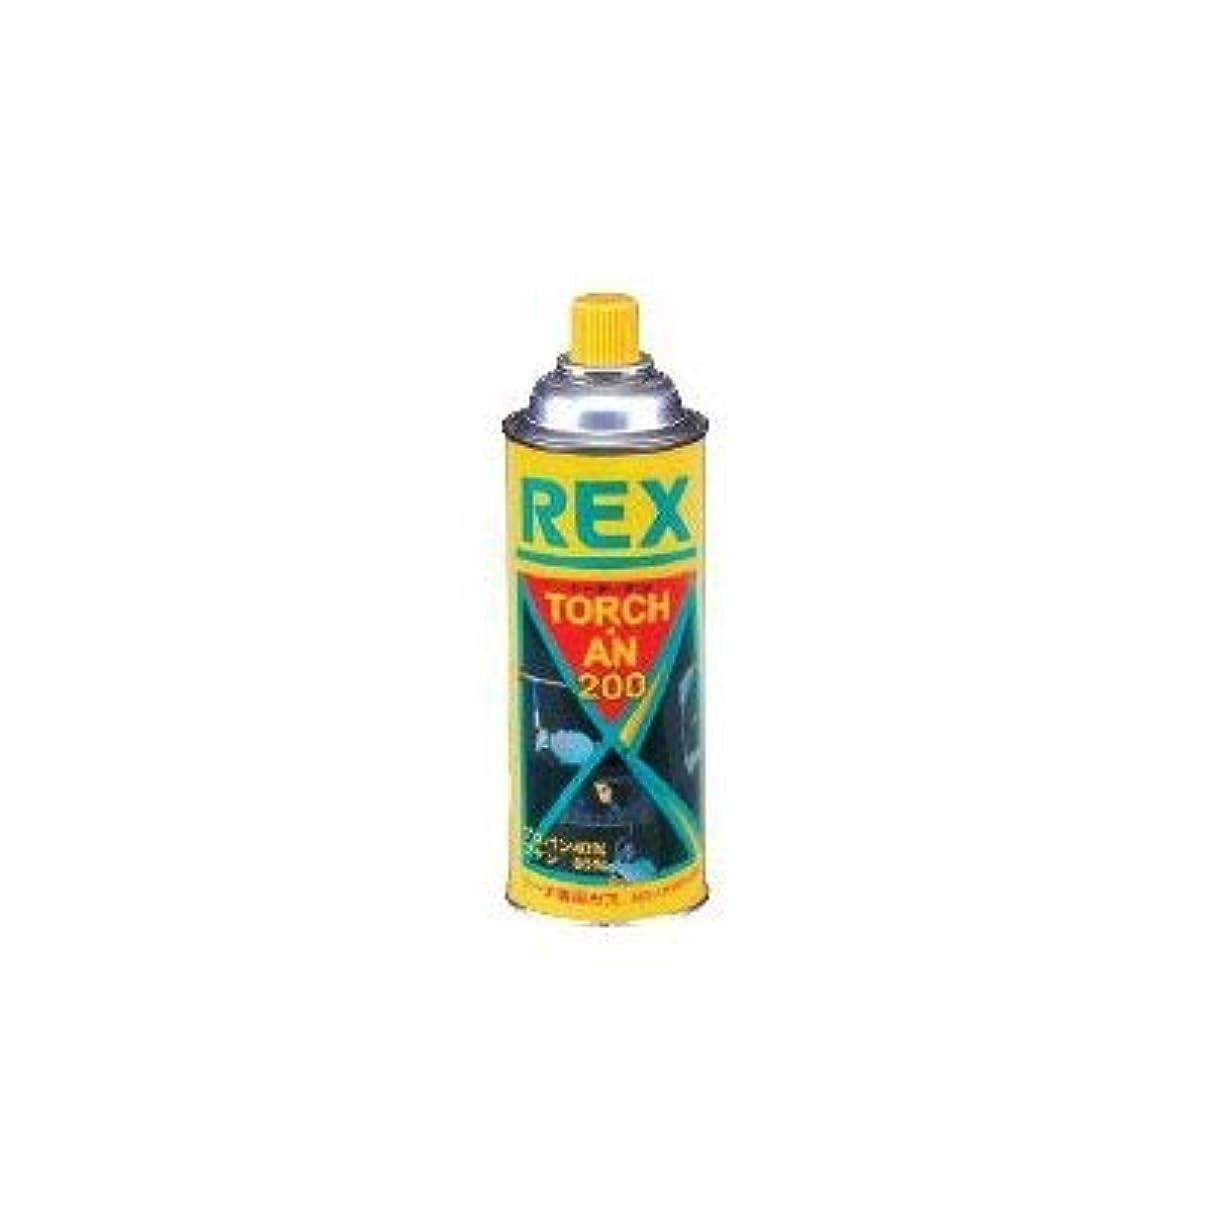 後悔ファイター冒険家REX レッキス トーチアン ガス 200g 424506